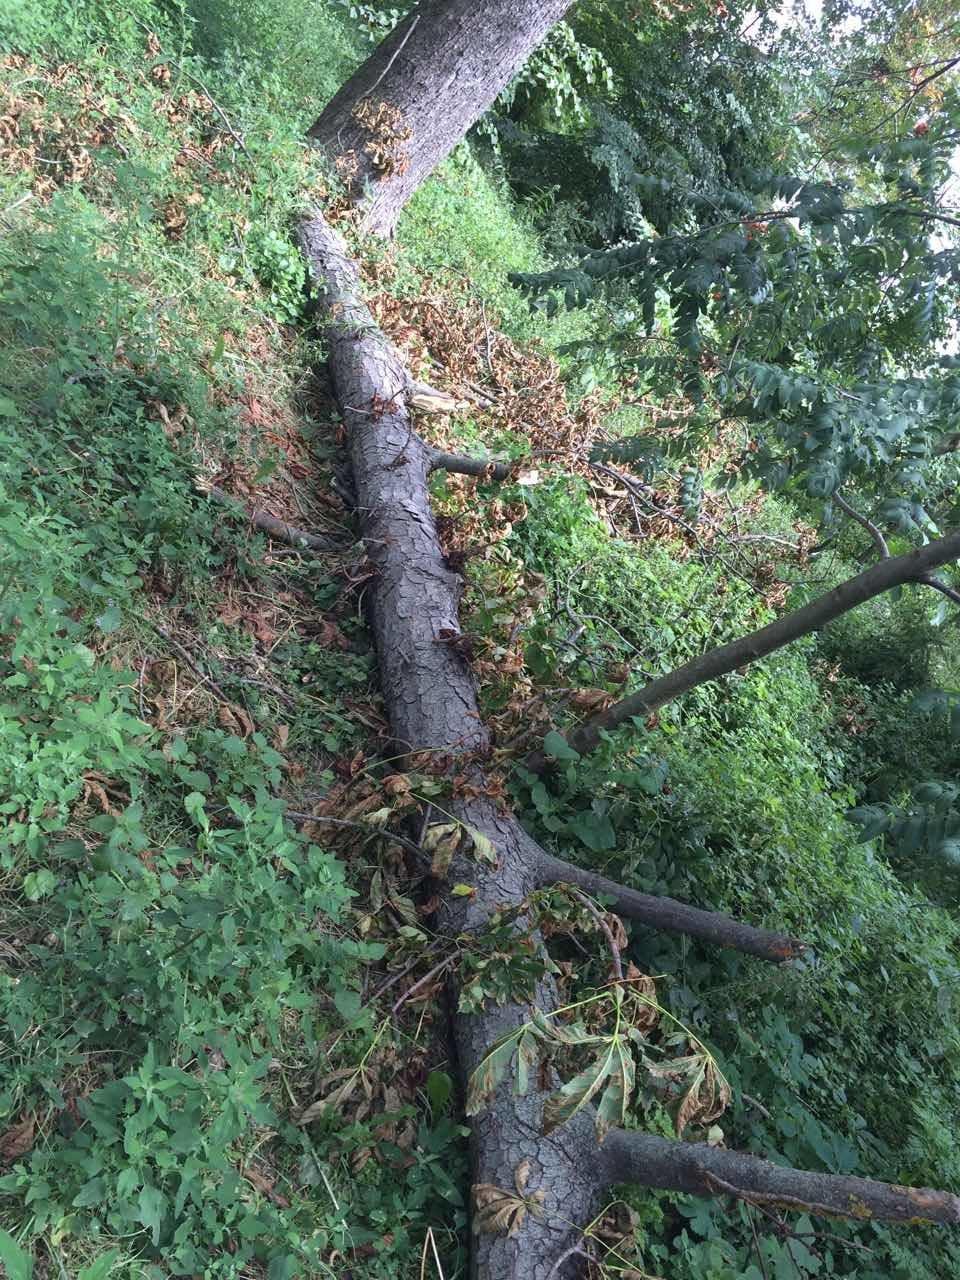 Більшість дерев нашого міста відживають своє, - служба по догляду за зеленими насадженнями, фото-1